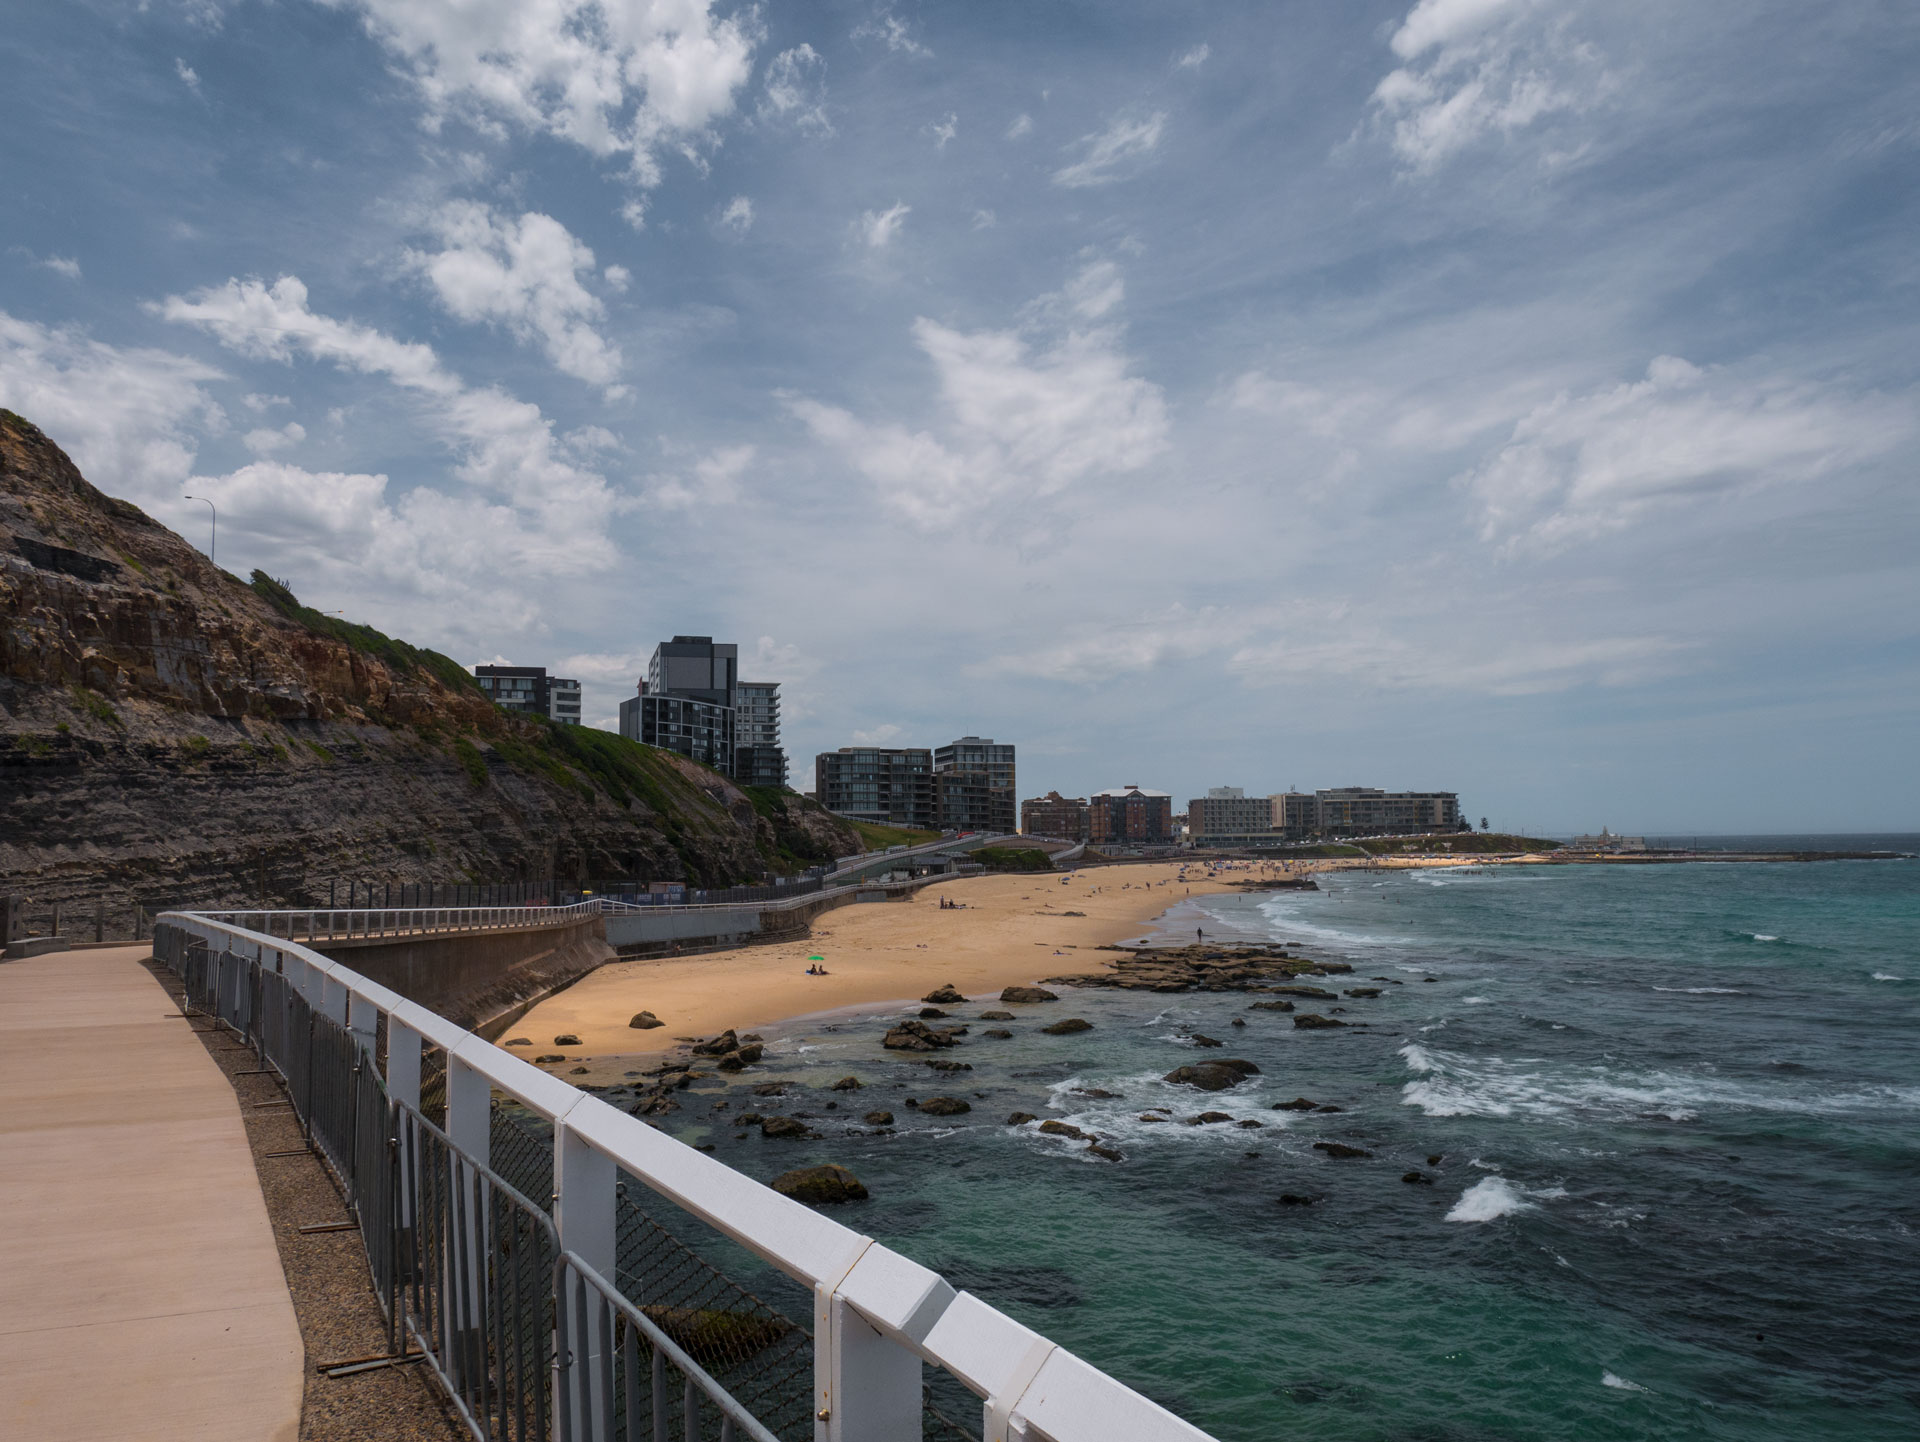 Der Strand von Newcastle war einer meiner ersten Stops auf meinem Roadtrips von Sydney nach Brisbane